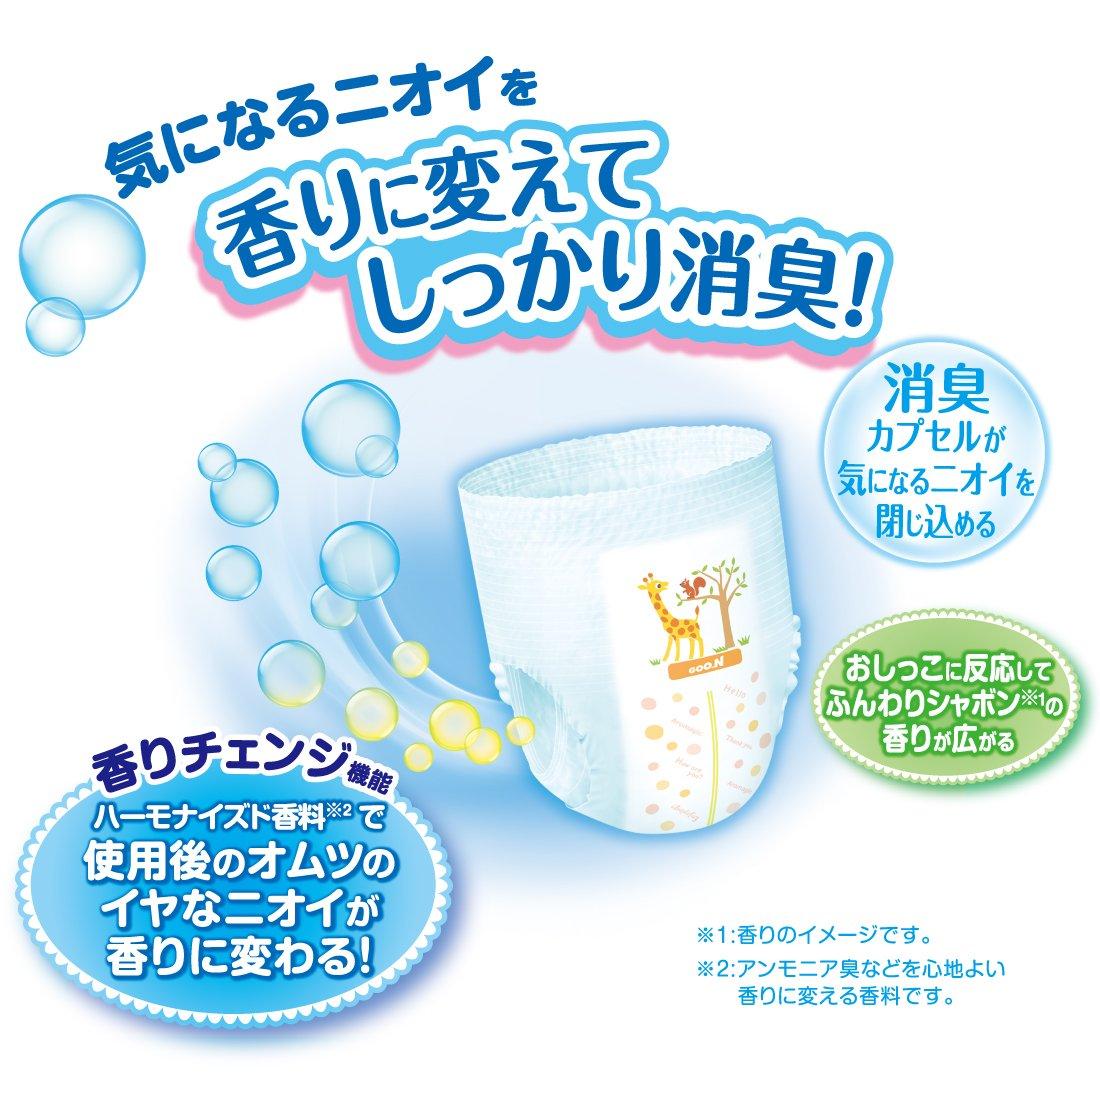 36 St/ück Premium Qualit/ät Made in Japan NEU 12-20 kg XL perfektes Geschenk f/ür Mama und Baby! GOO.N Baby Deo-Windelh/öschen AROMAGIC Gr